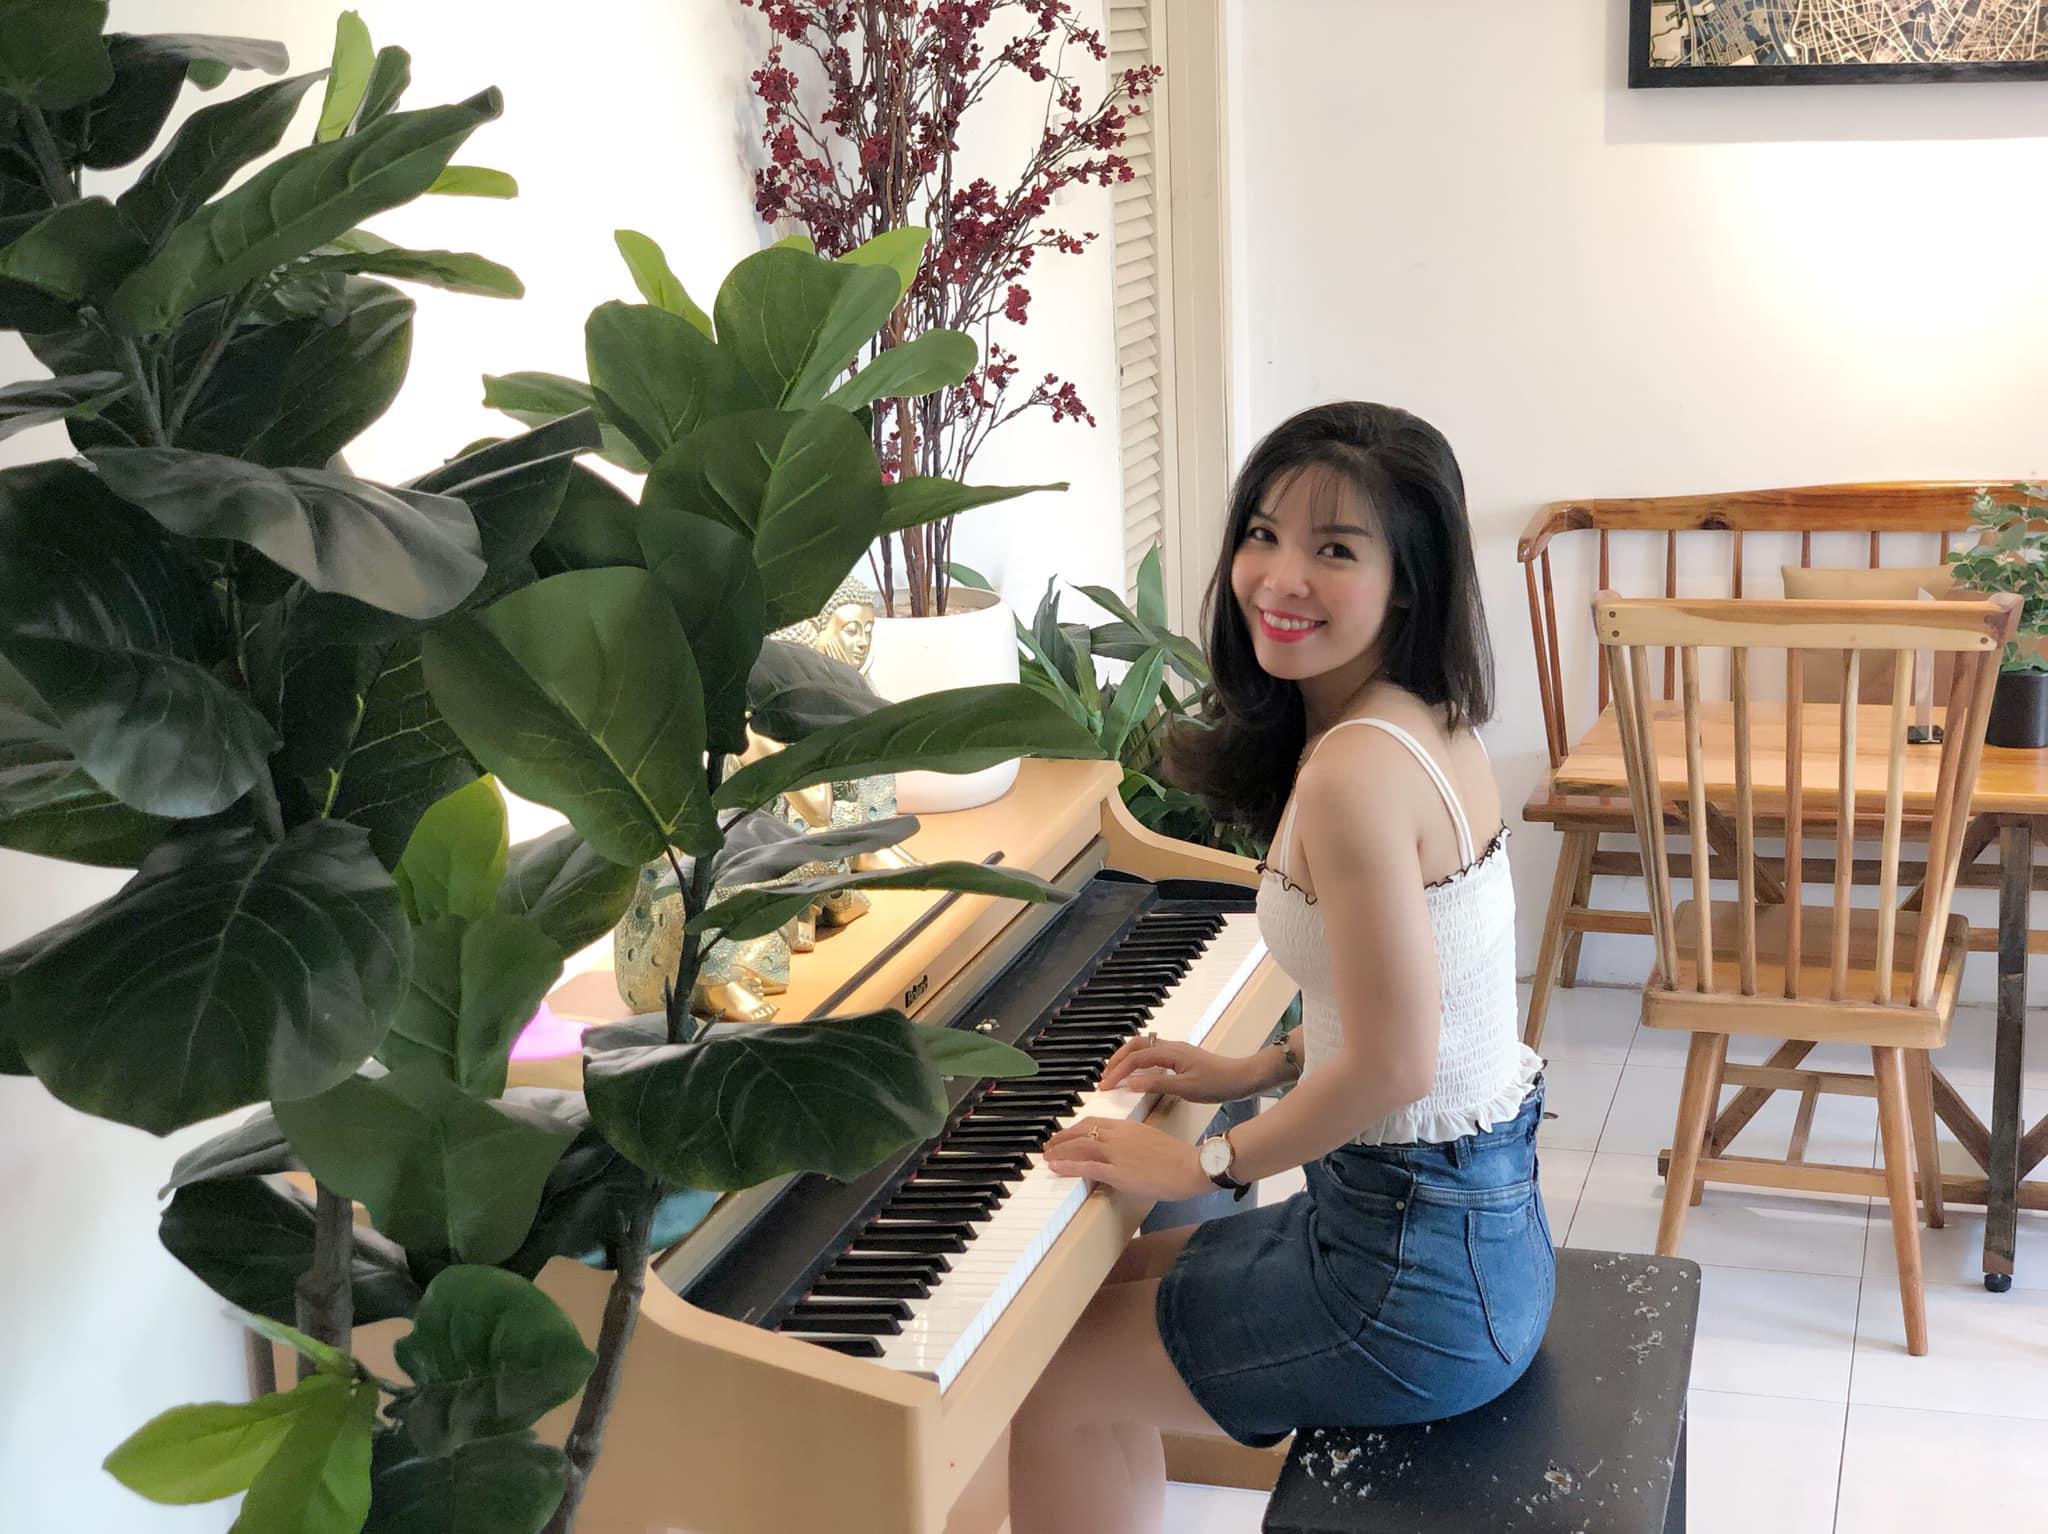 Nguyễn Thị Lan Quỳnh gia nhập nhà Viễn thông từ năm 2014, qua nhiều năm công tác, hiện cô làm việc với vị tríTrưởng quầy giao dịch chi nhánh Tân Bình.